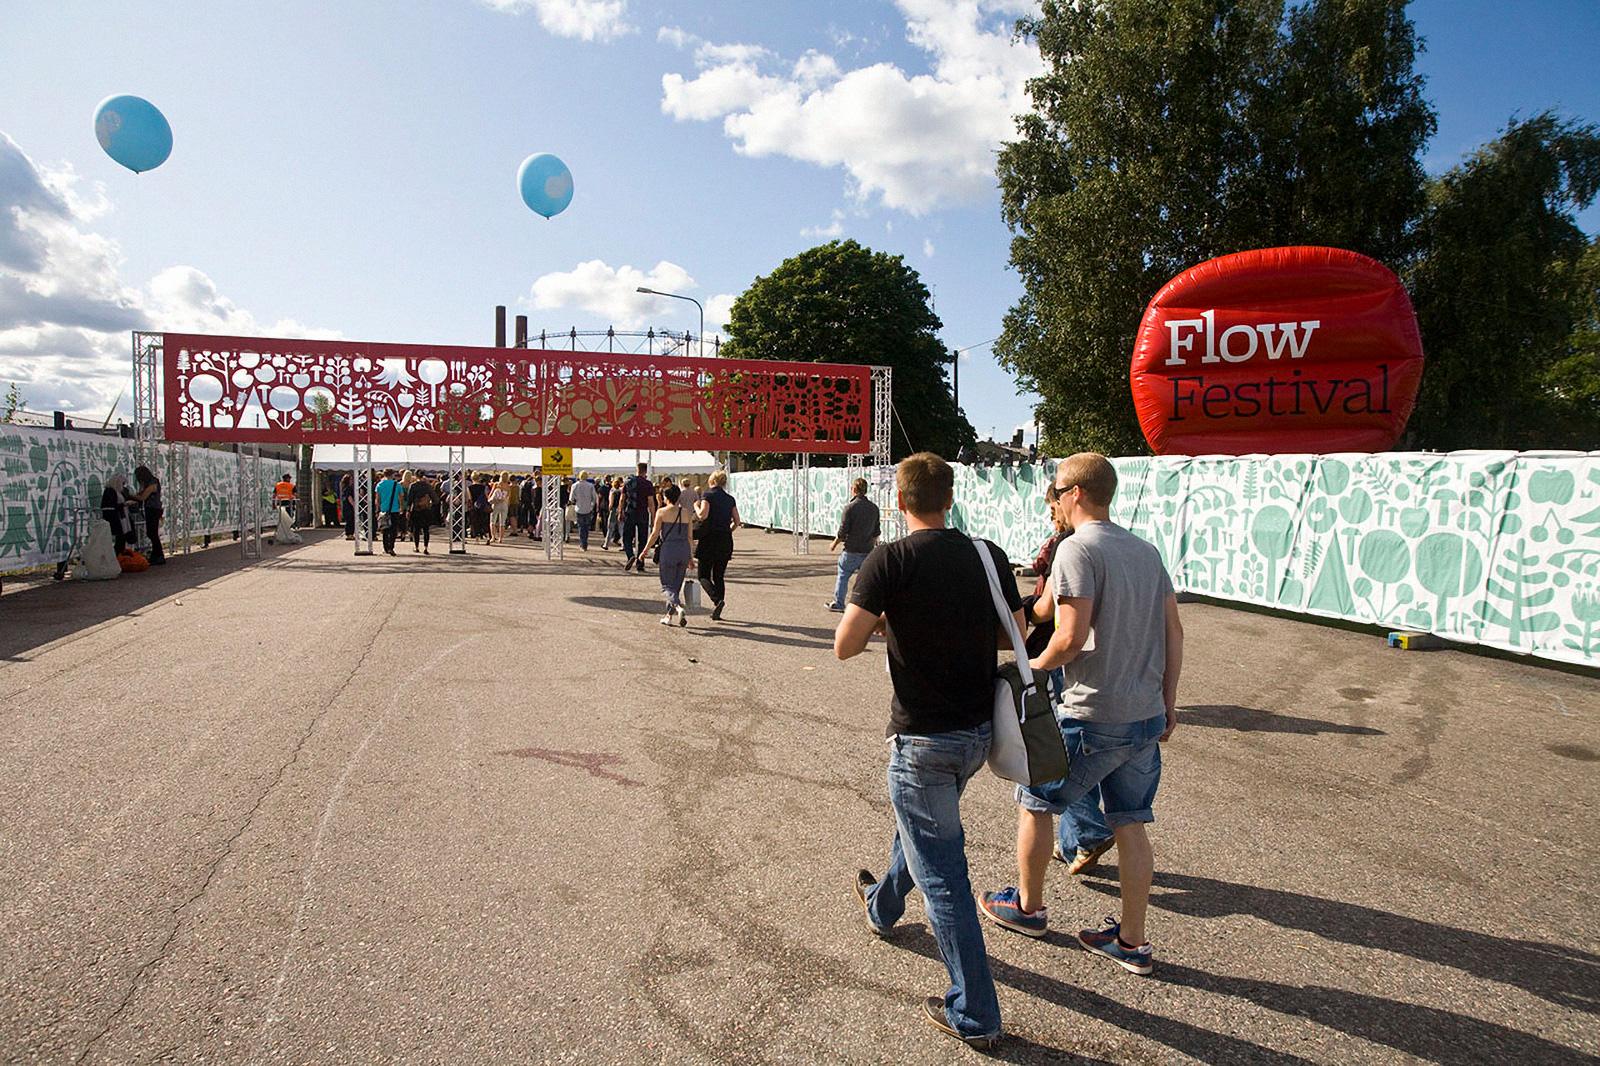 Flow Festival's entrance in 2009